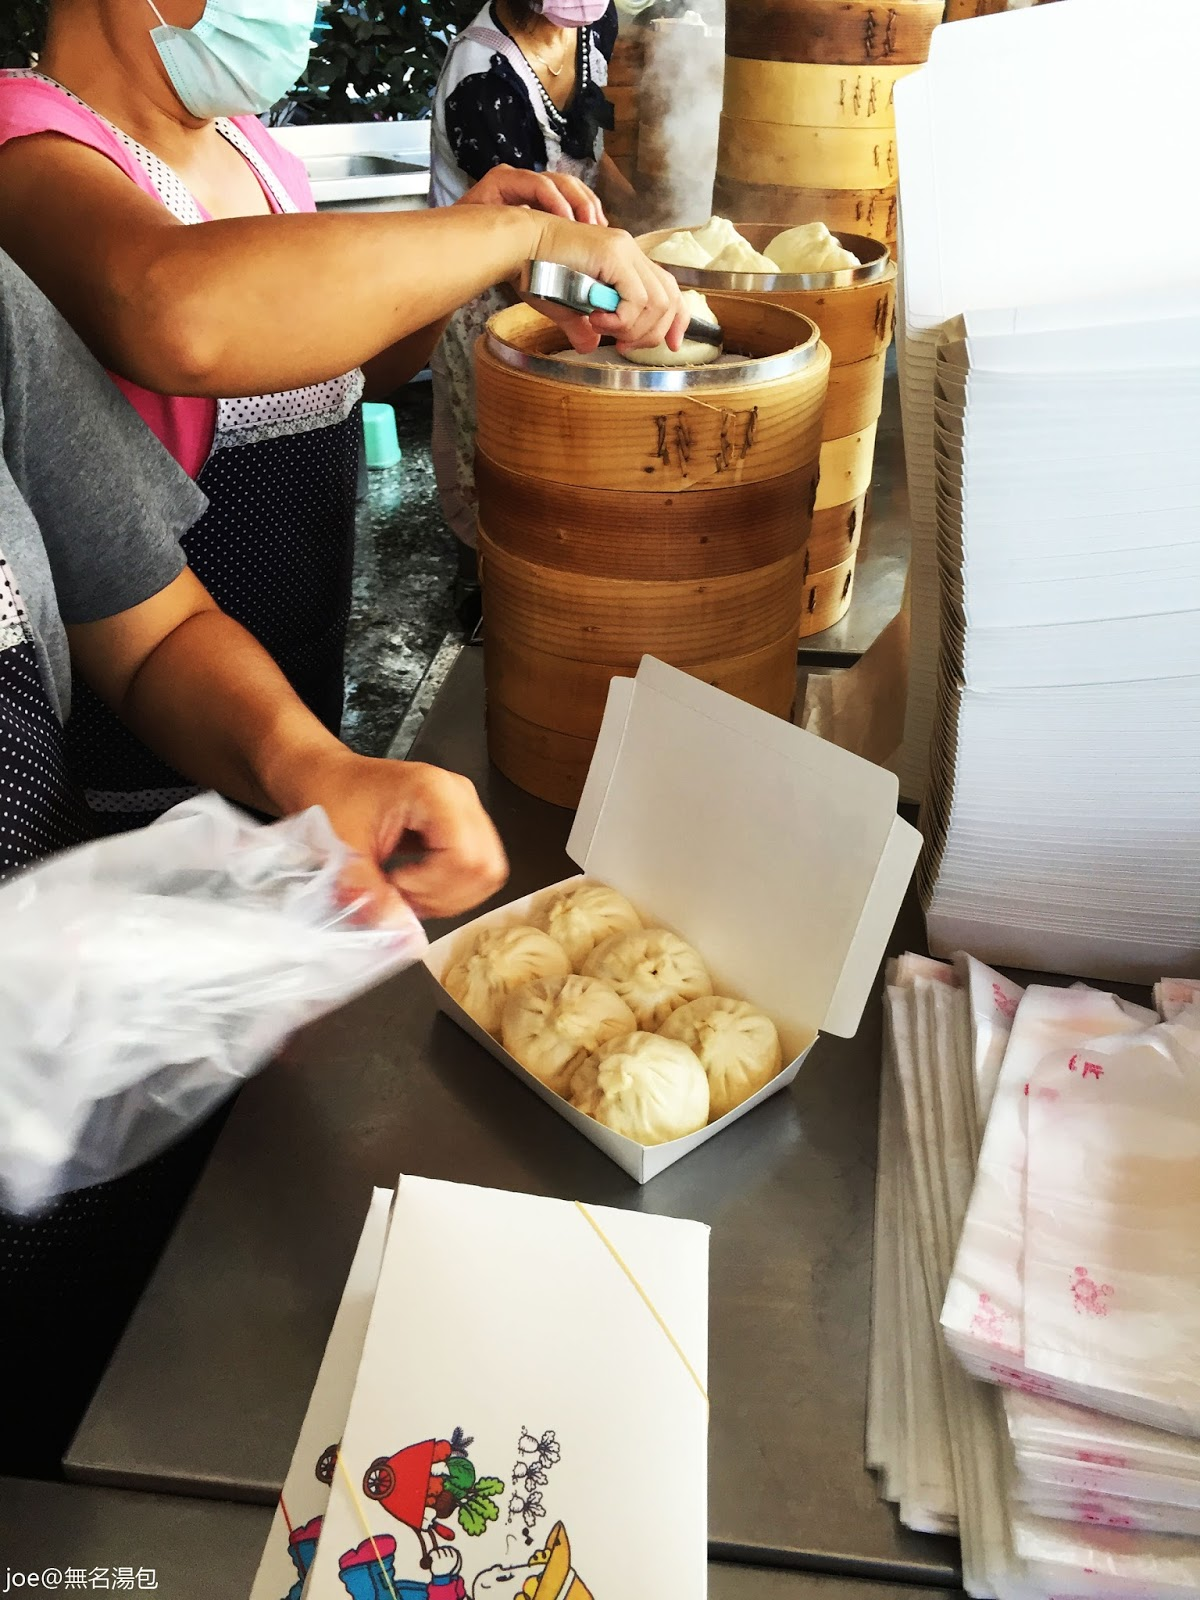 無名湯包 @臺中後火車站的古早味早餐 @大智湯包 @無敵爆漿湯包 – 熱血臺中